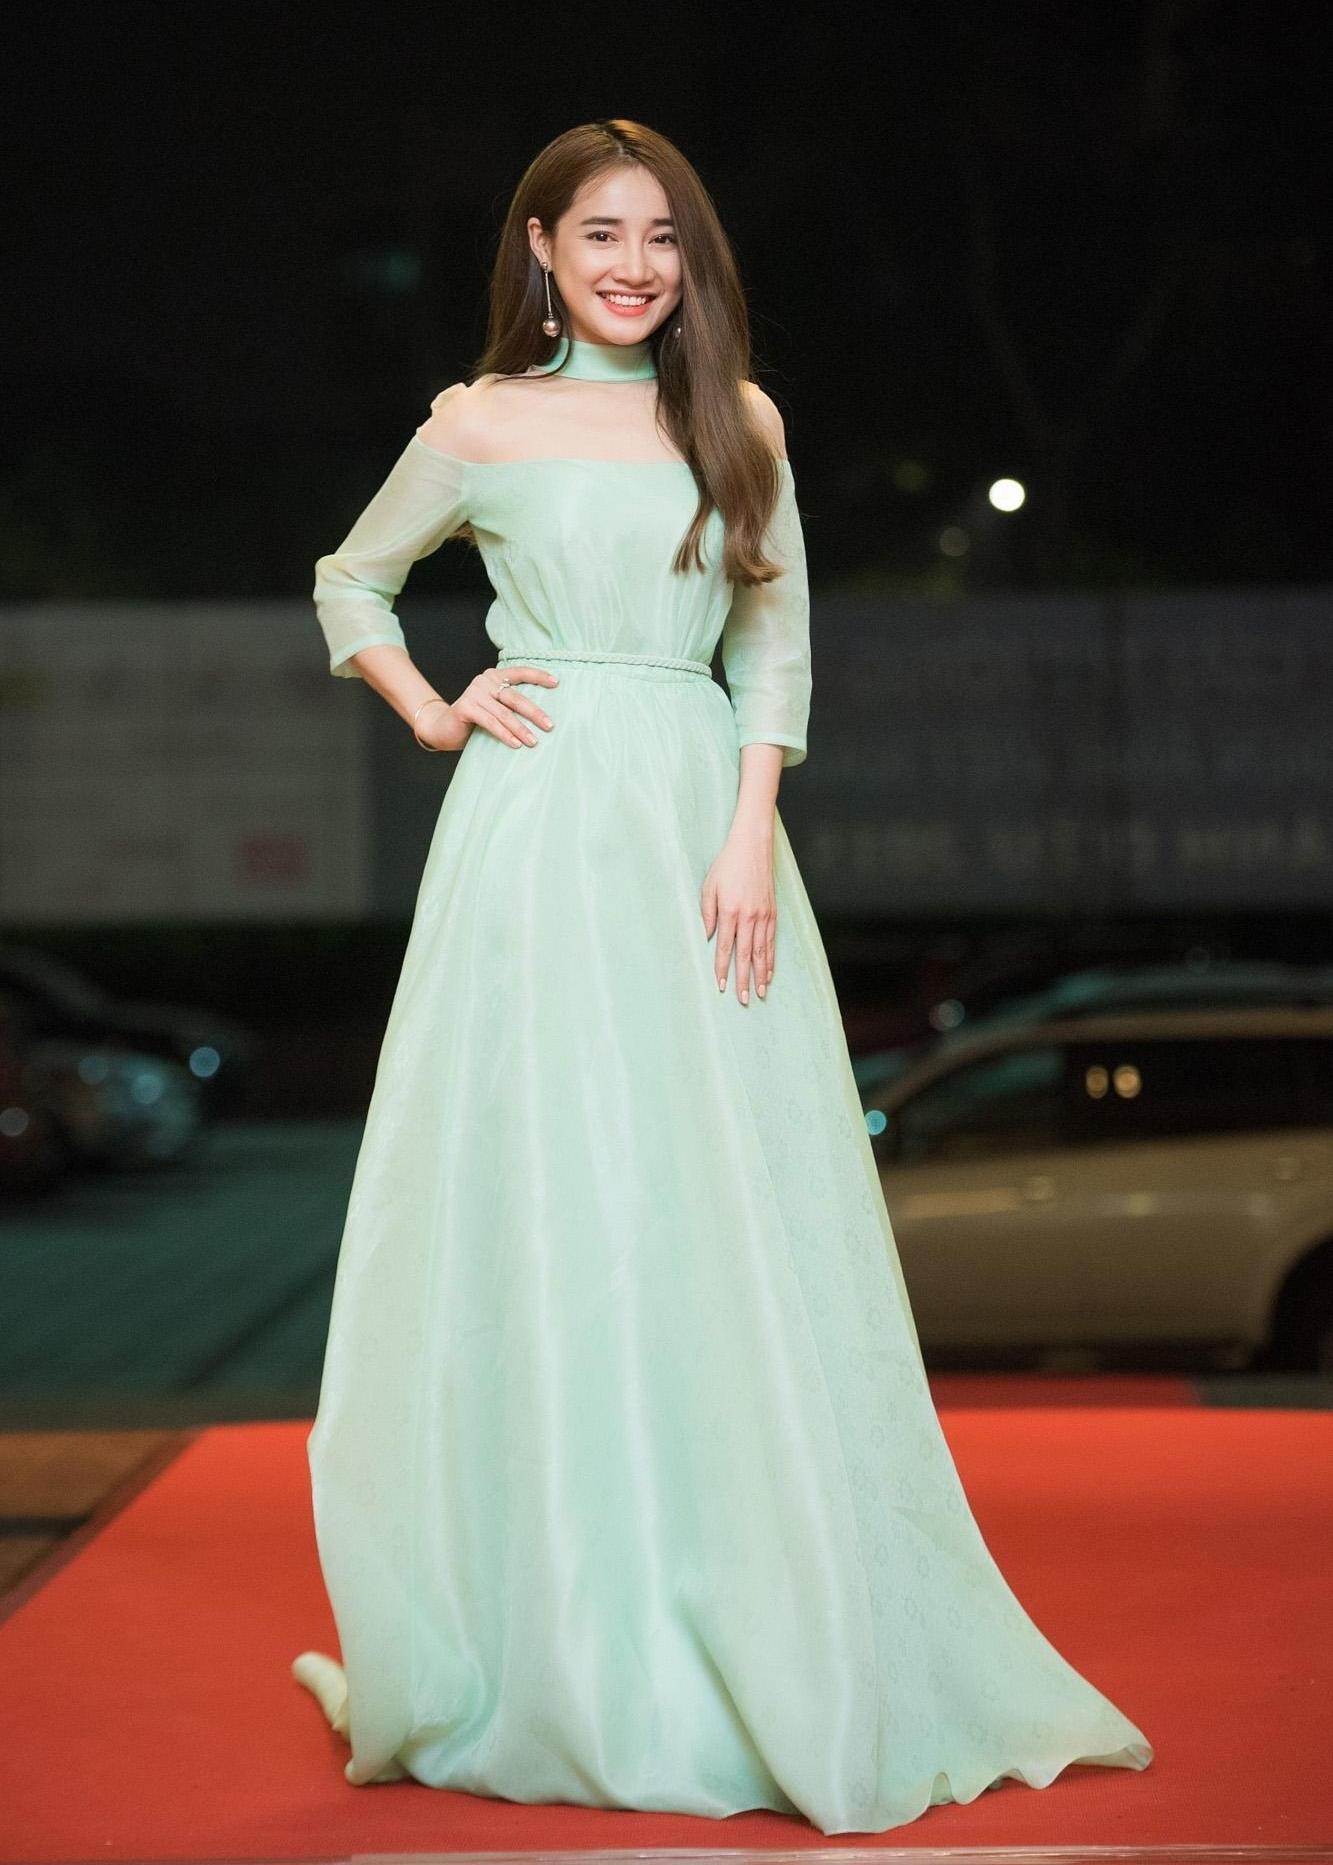 Phong cách thảm đỏ như công chúa mà Nhã Phương vô cùng yêu thích-5